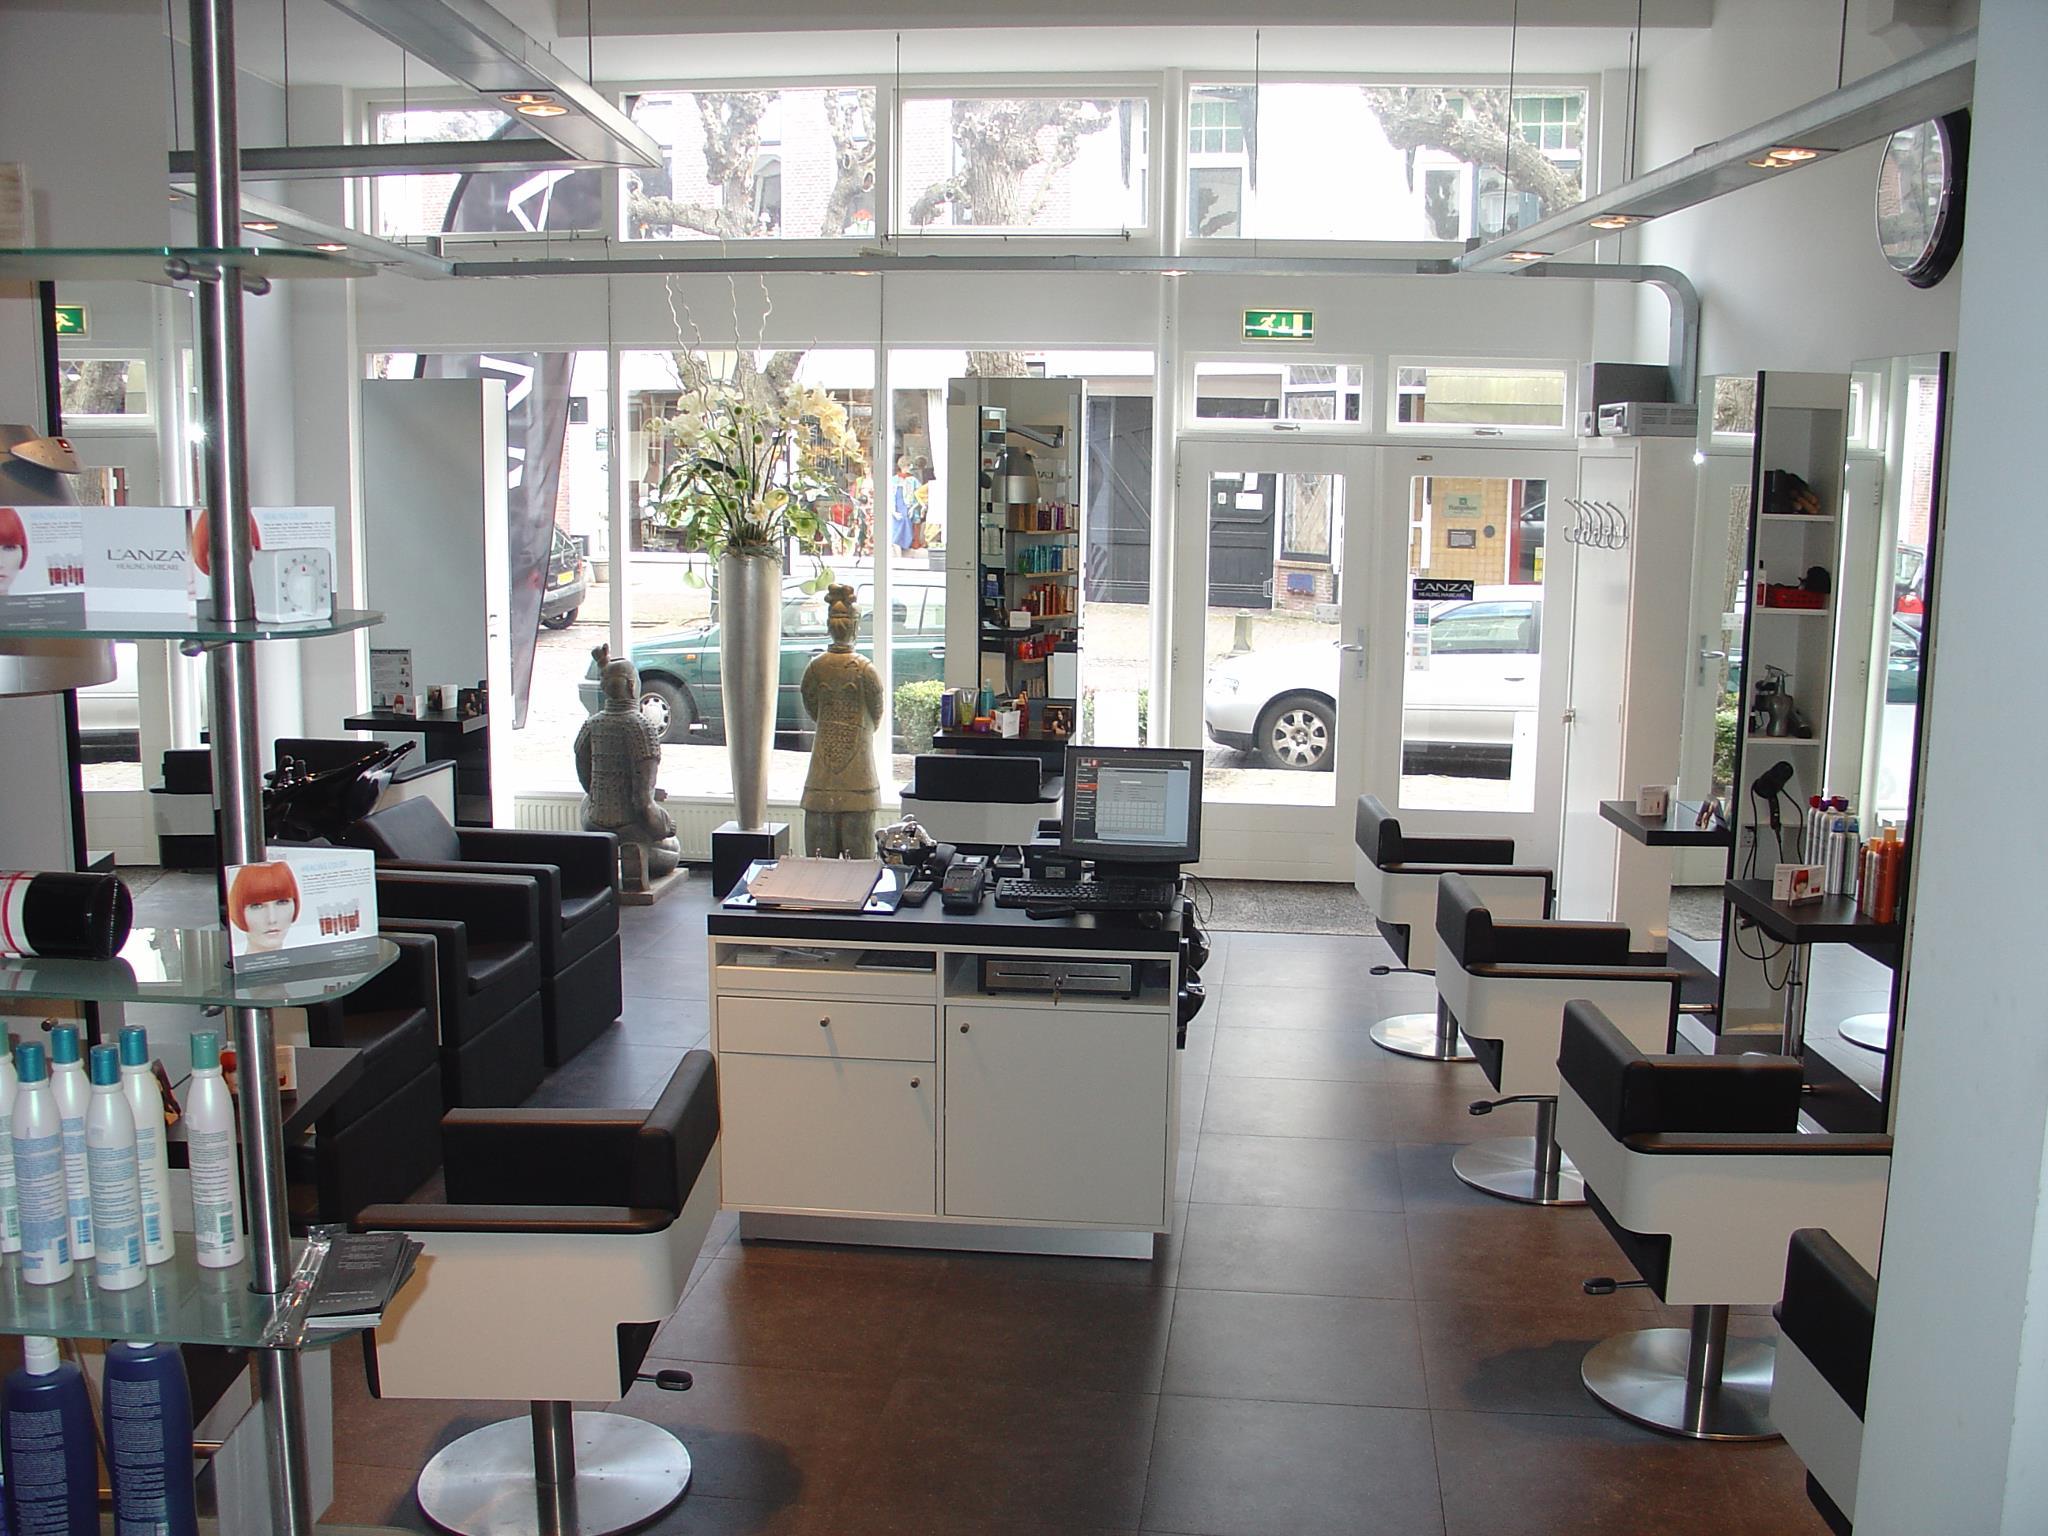 Hans Haarstudio - Interieur